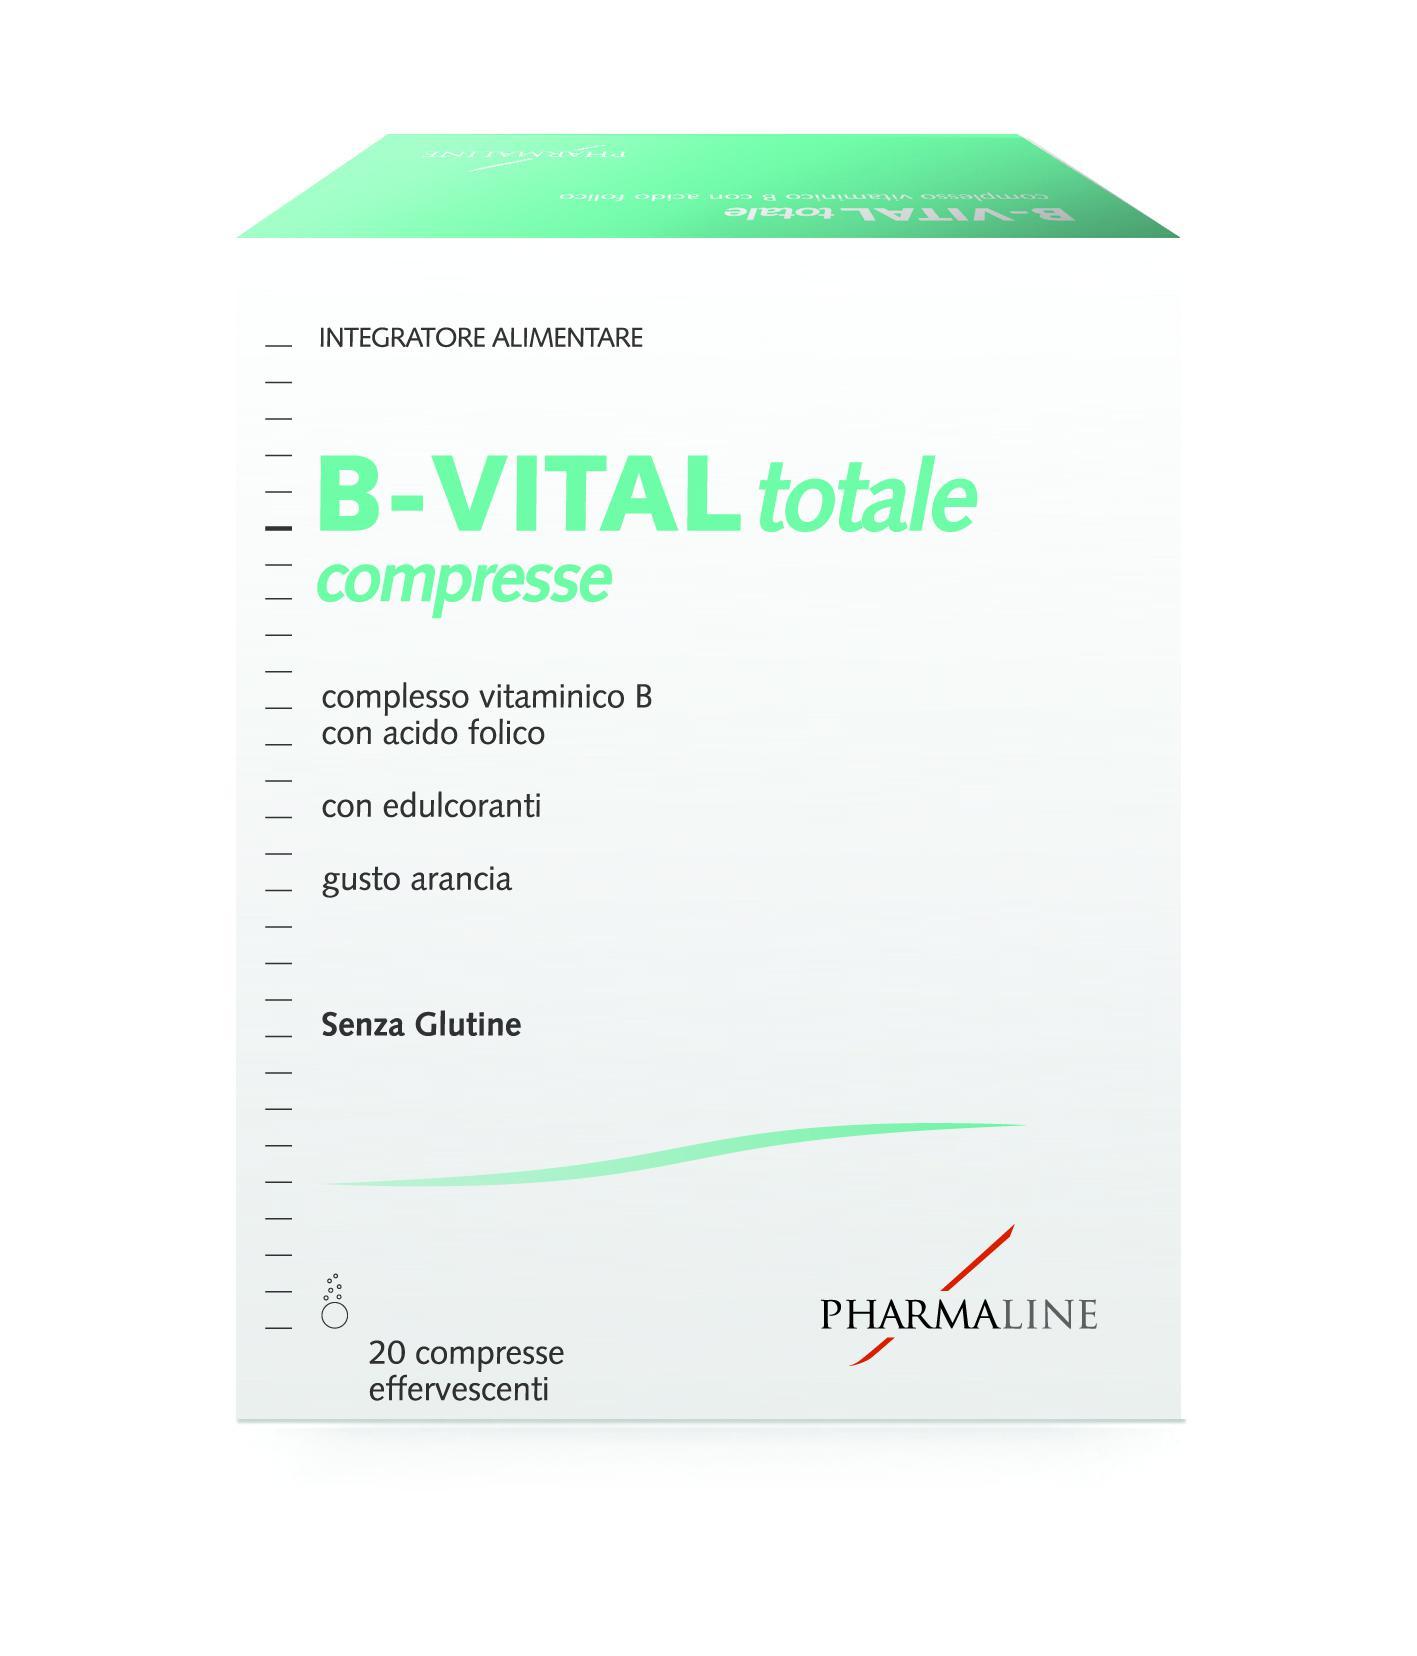 B-VITAL TOTALE Compresse  Effervescenti - Compresse Rivestite